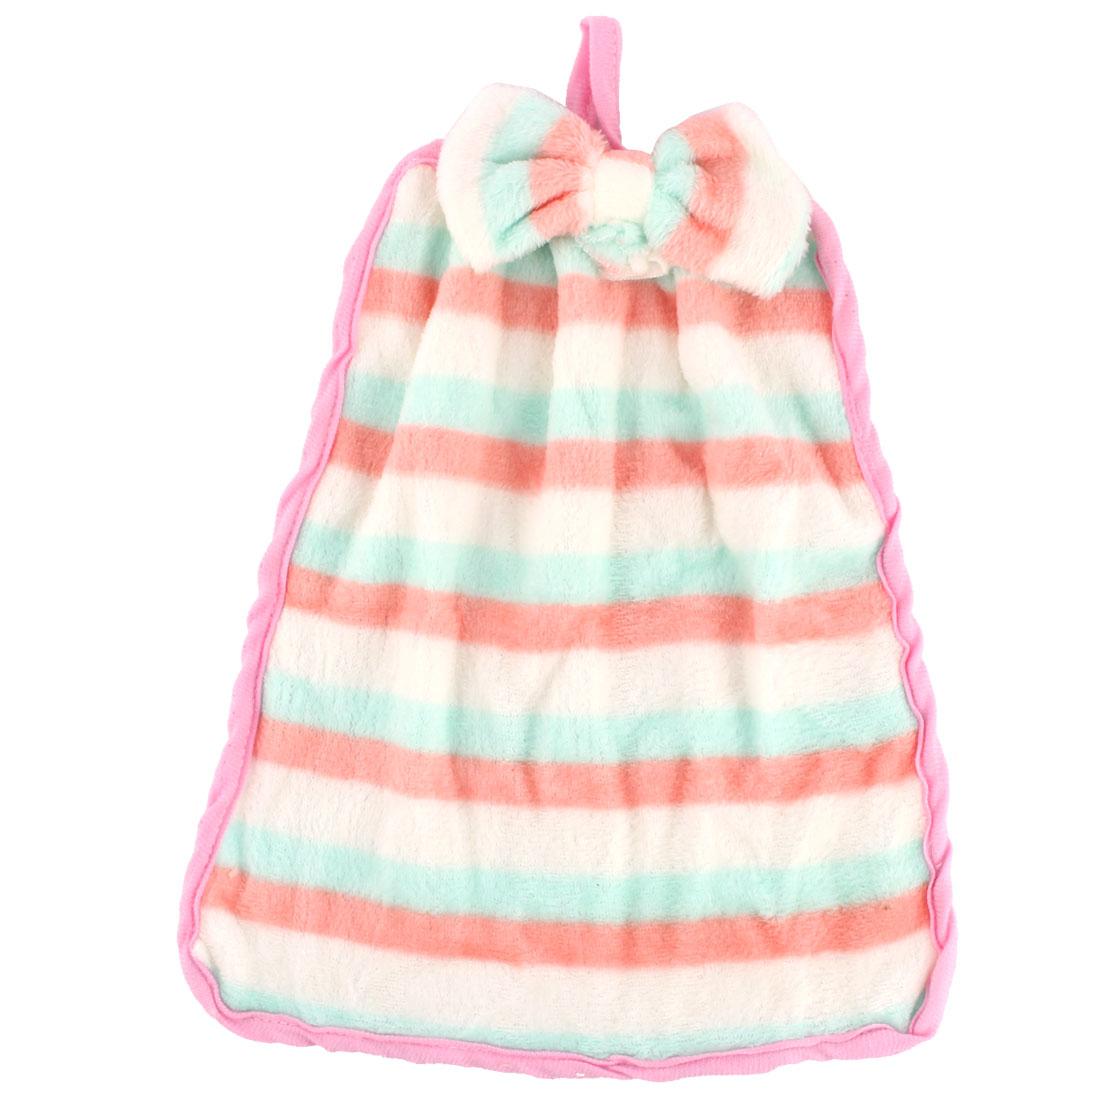 Household Coral Velvet Stripes Designed Strap Hanging Hand Towel Tricolor